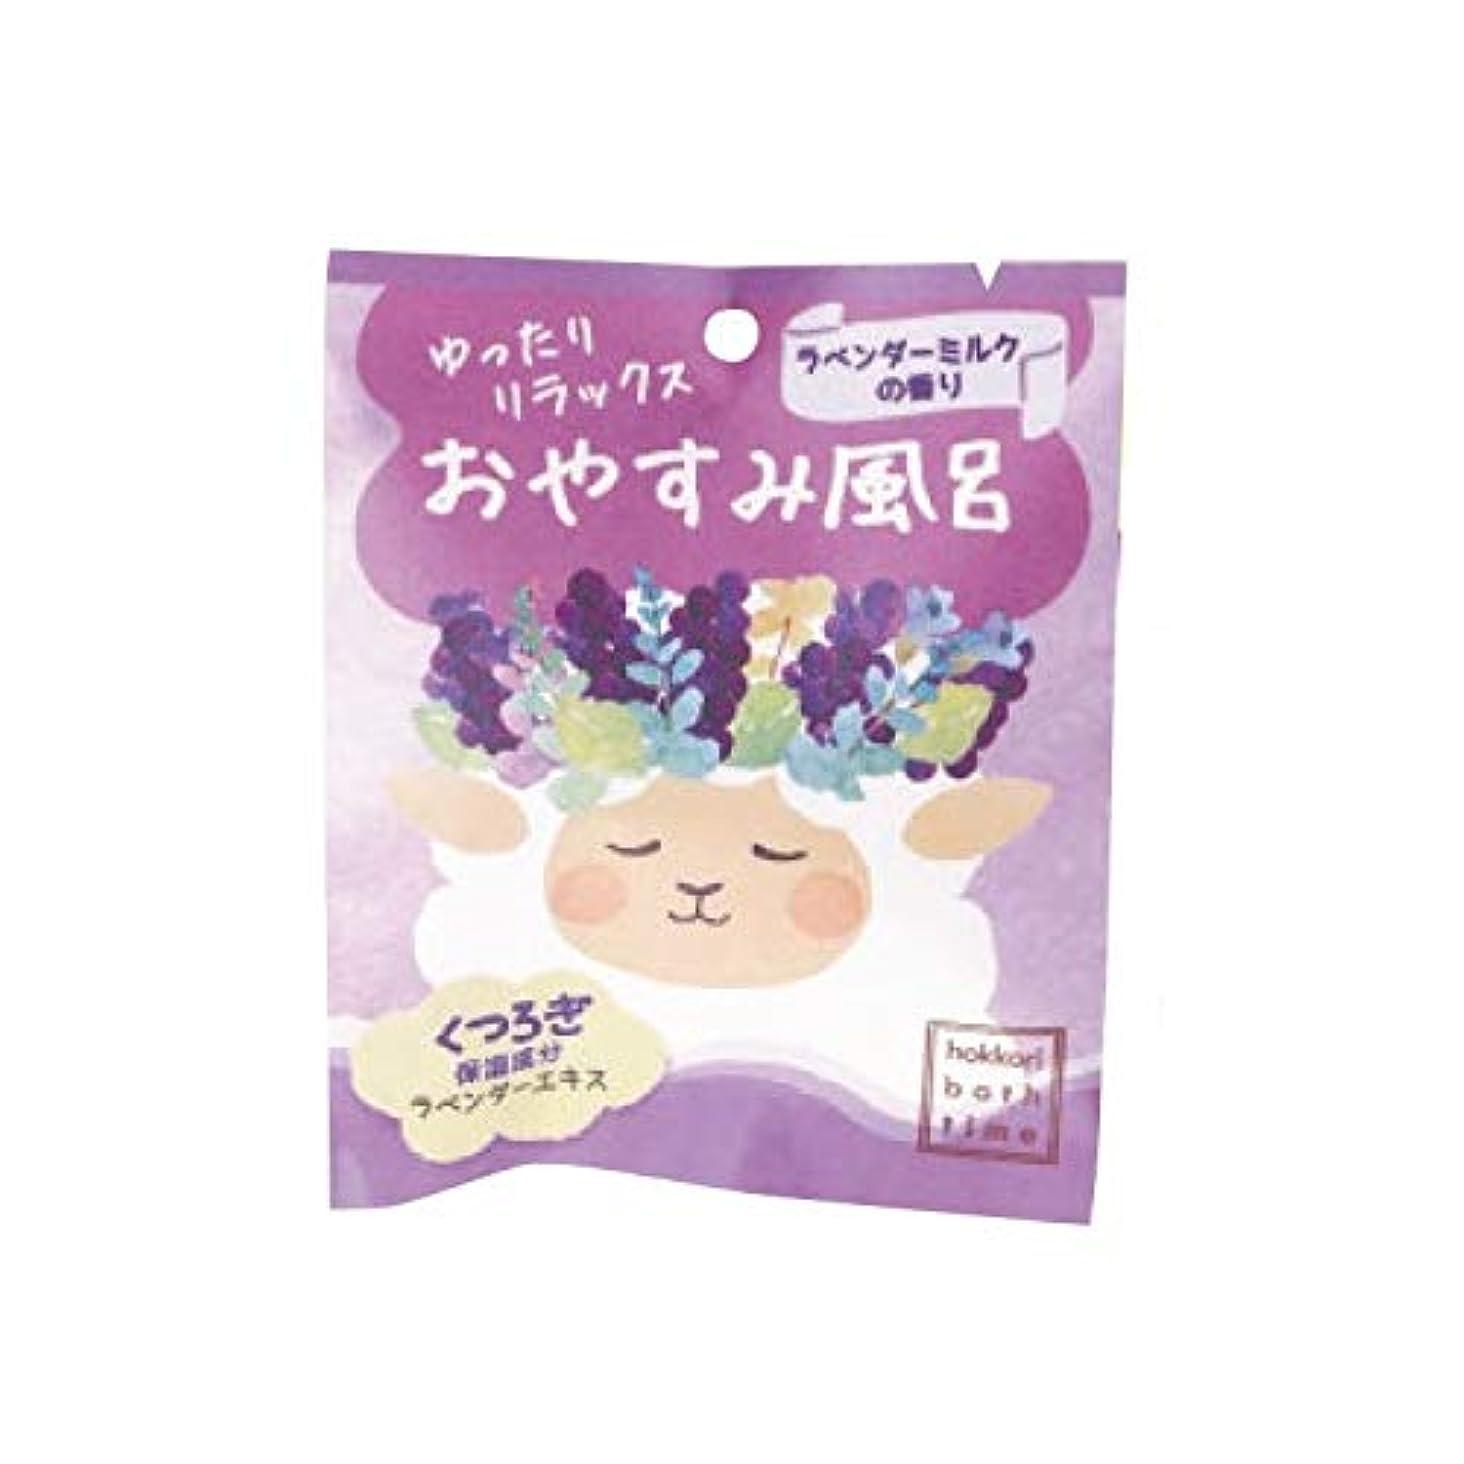 誘惑セッション余分なほっこりバスタイム おやすみ風呂 ラベンダーミルクの香り OB-HKR-1-3 ノルコーポレーション